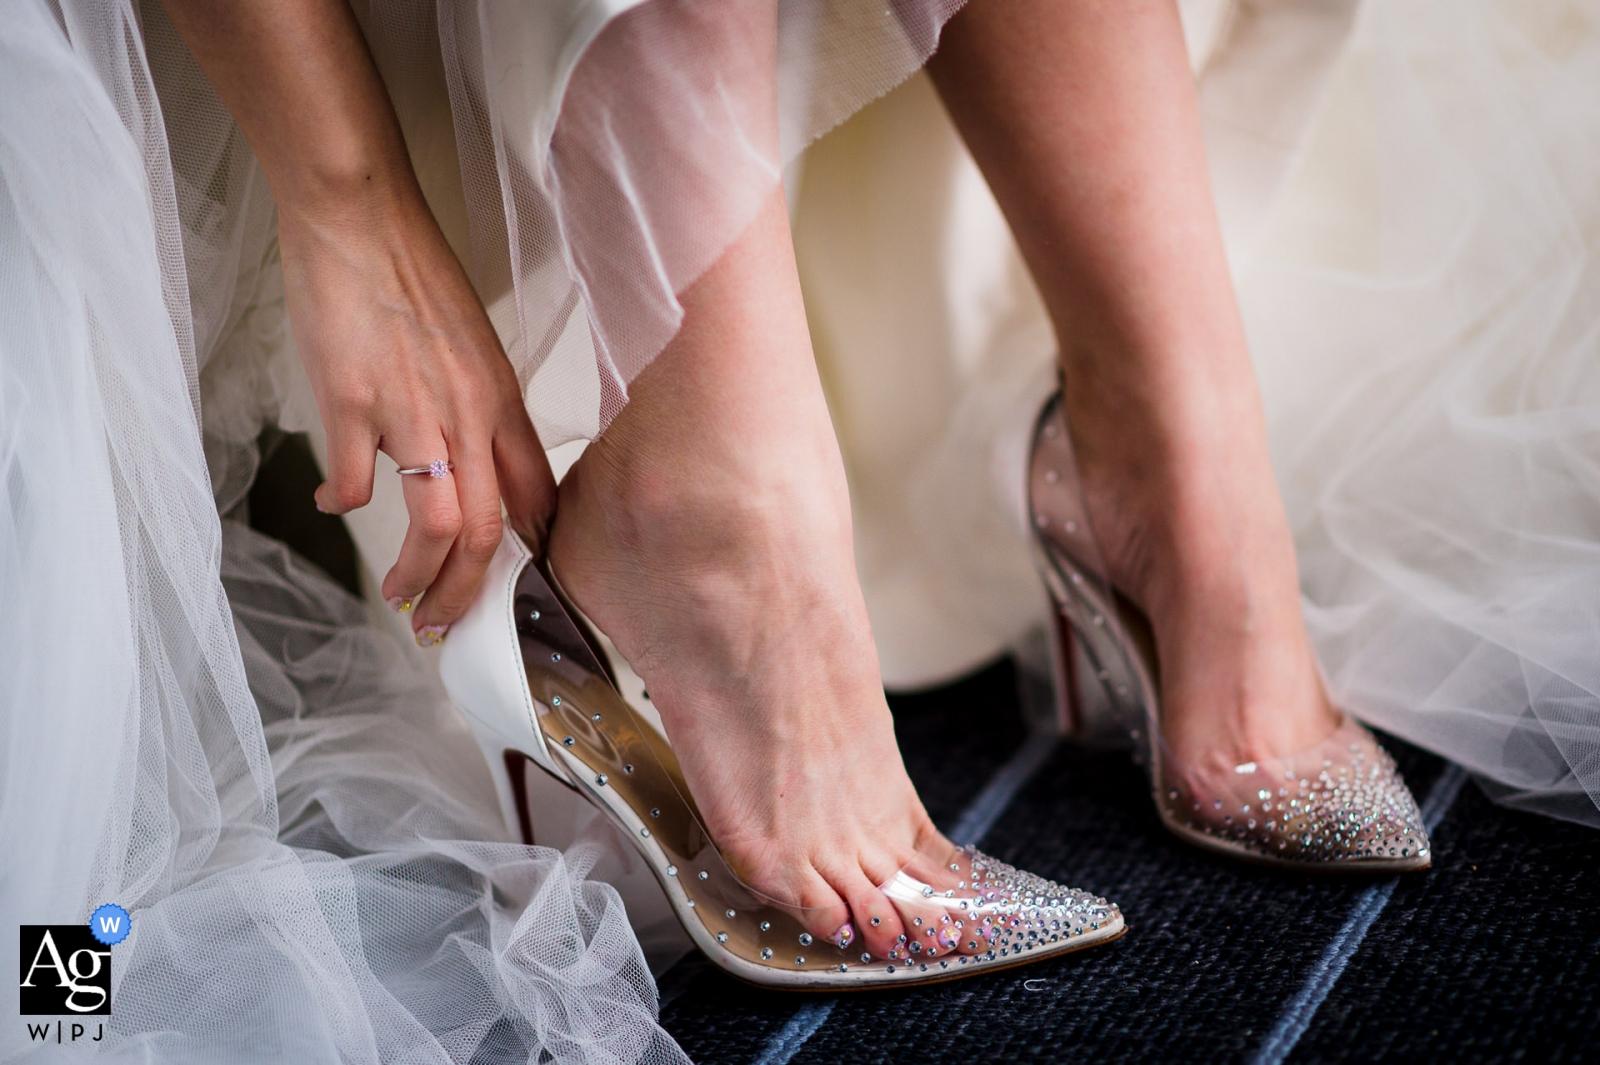 Da Nang wedding detail shot of The shoes